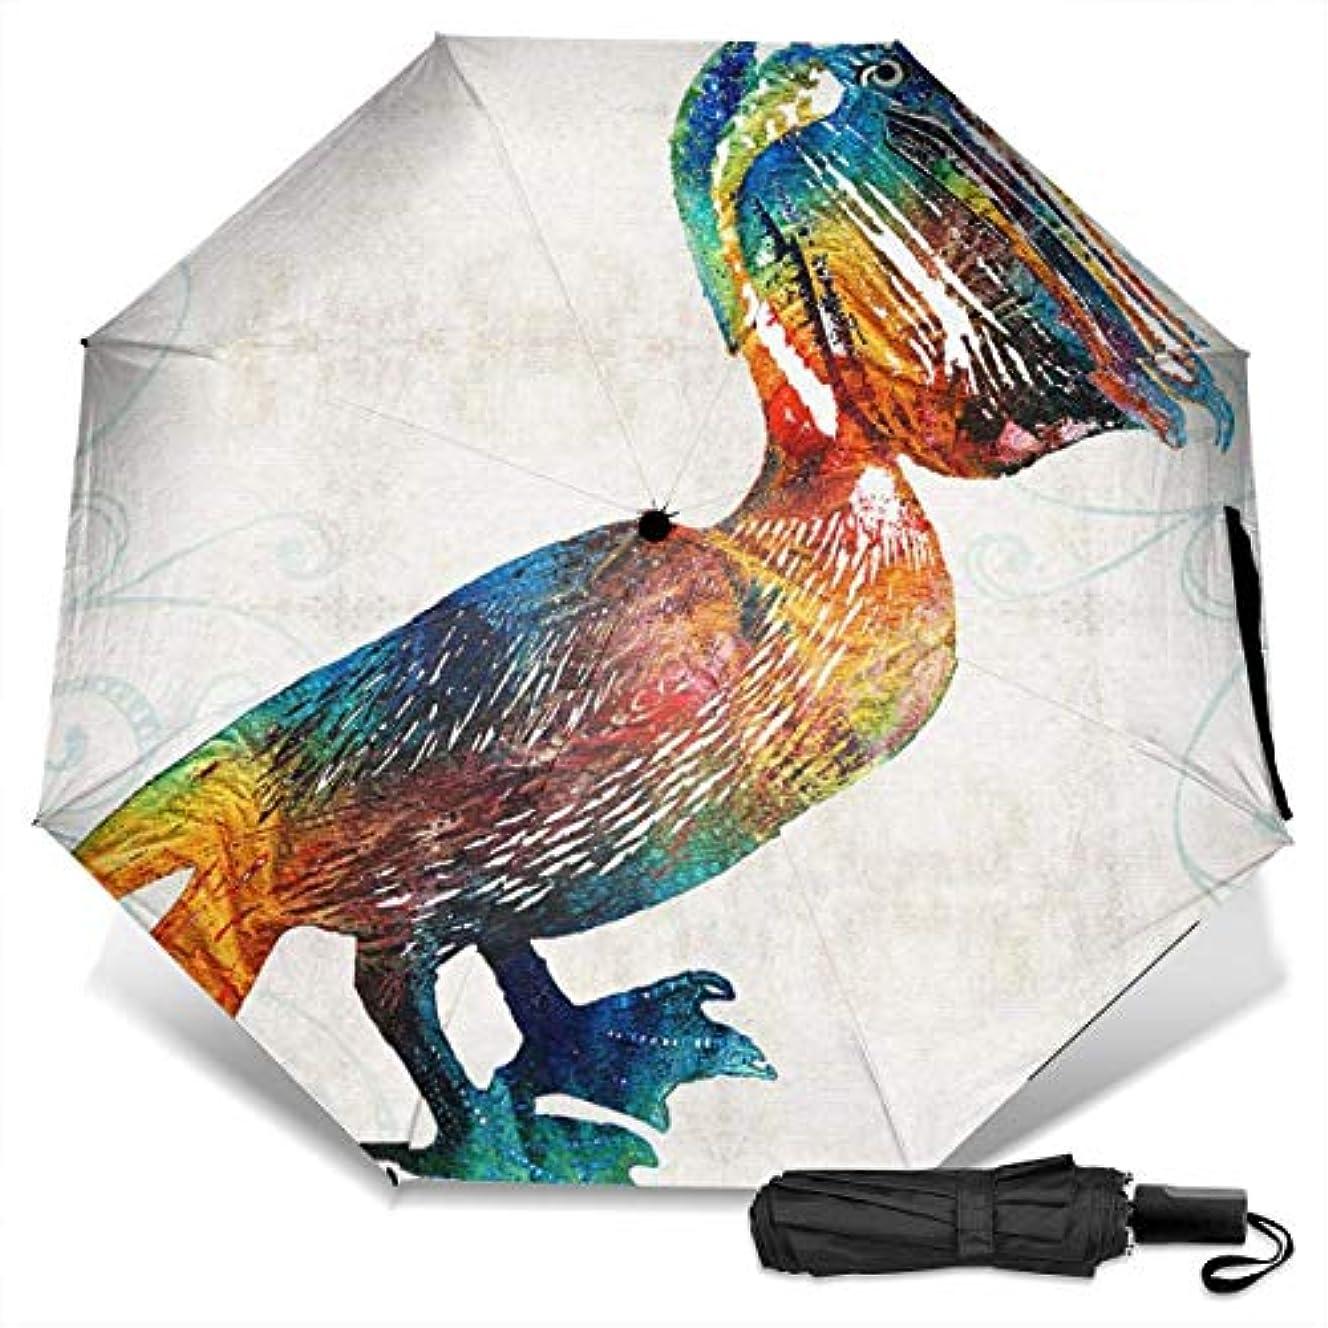 ウェイター同様の穴カラフルなペリカンアート折りたたみ傘 軽量 手動三つ折り傘 日傘 耐風撥水 晴雨兼用 遮光遮熱 紫外線対策 携帯用かさ 出張旅行通勤 女性と男性用 (黒ゴム)